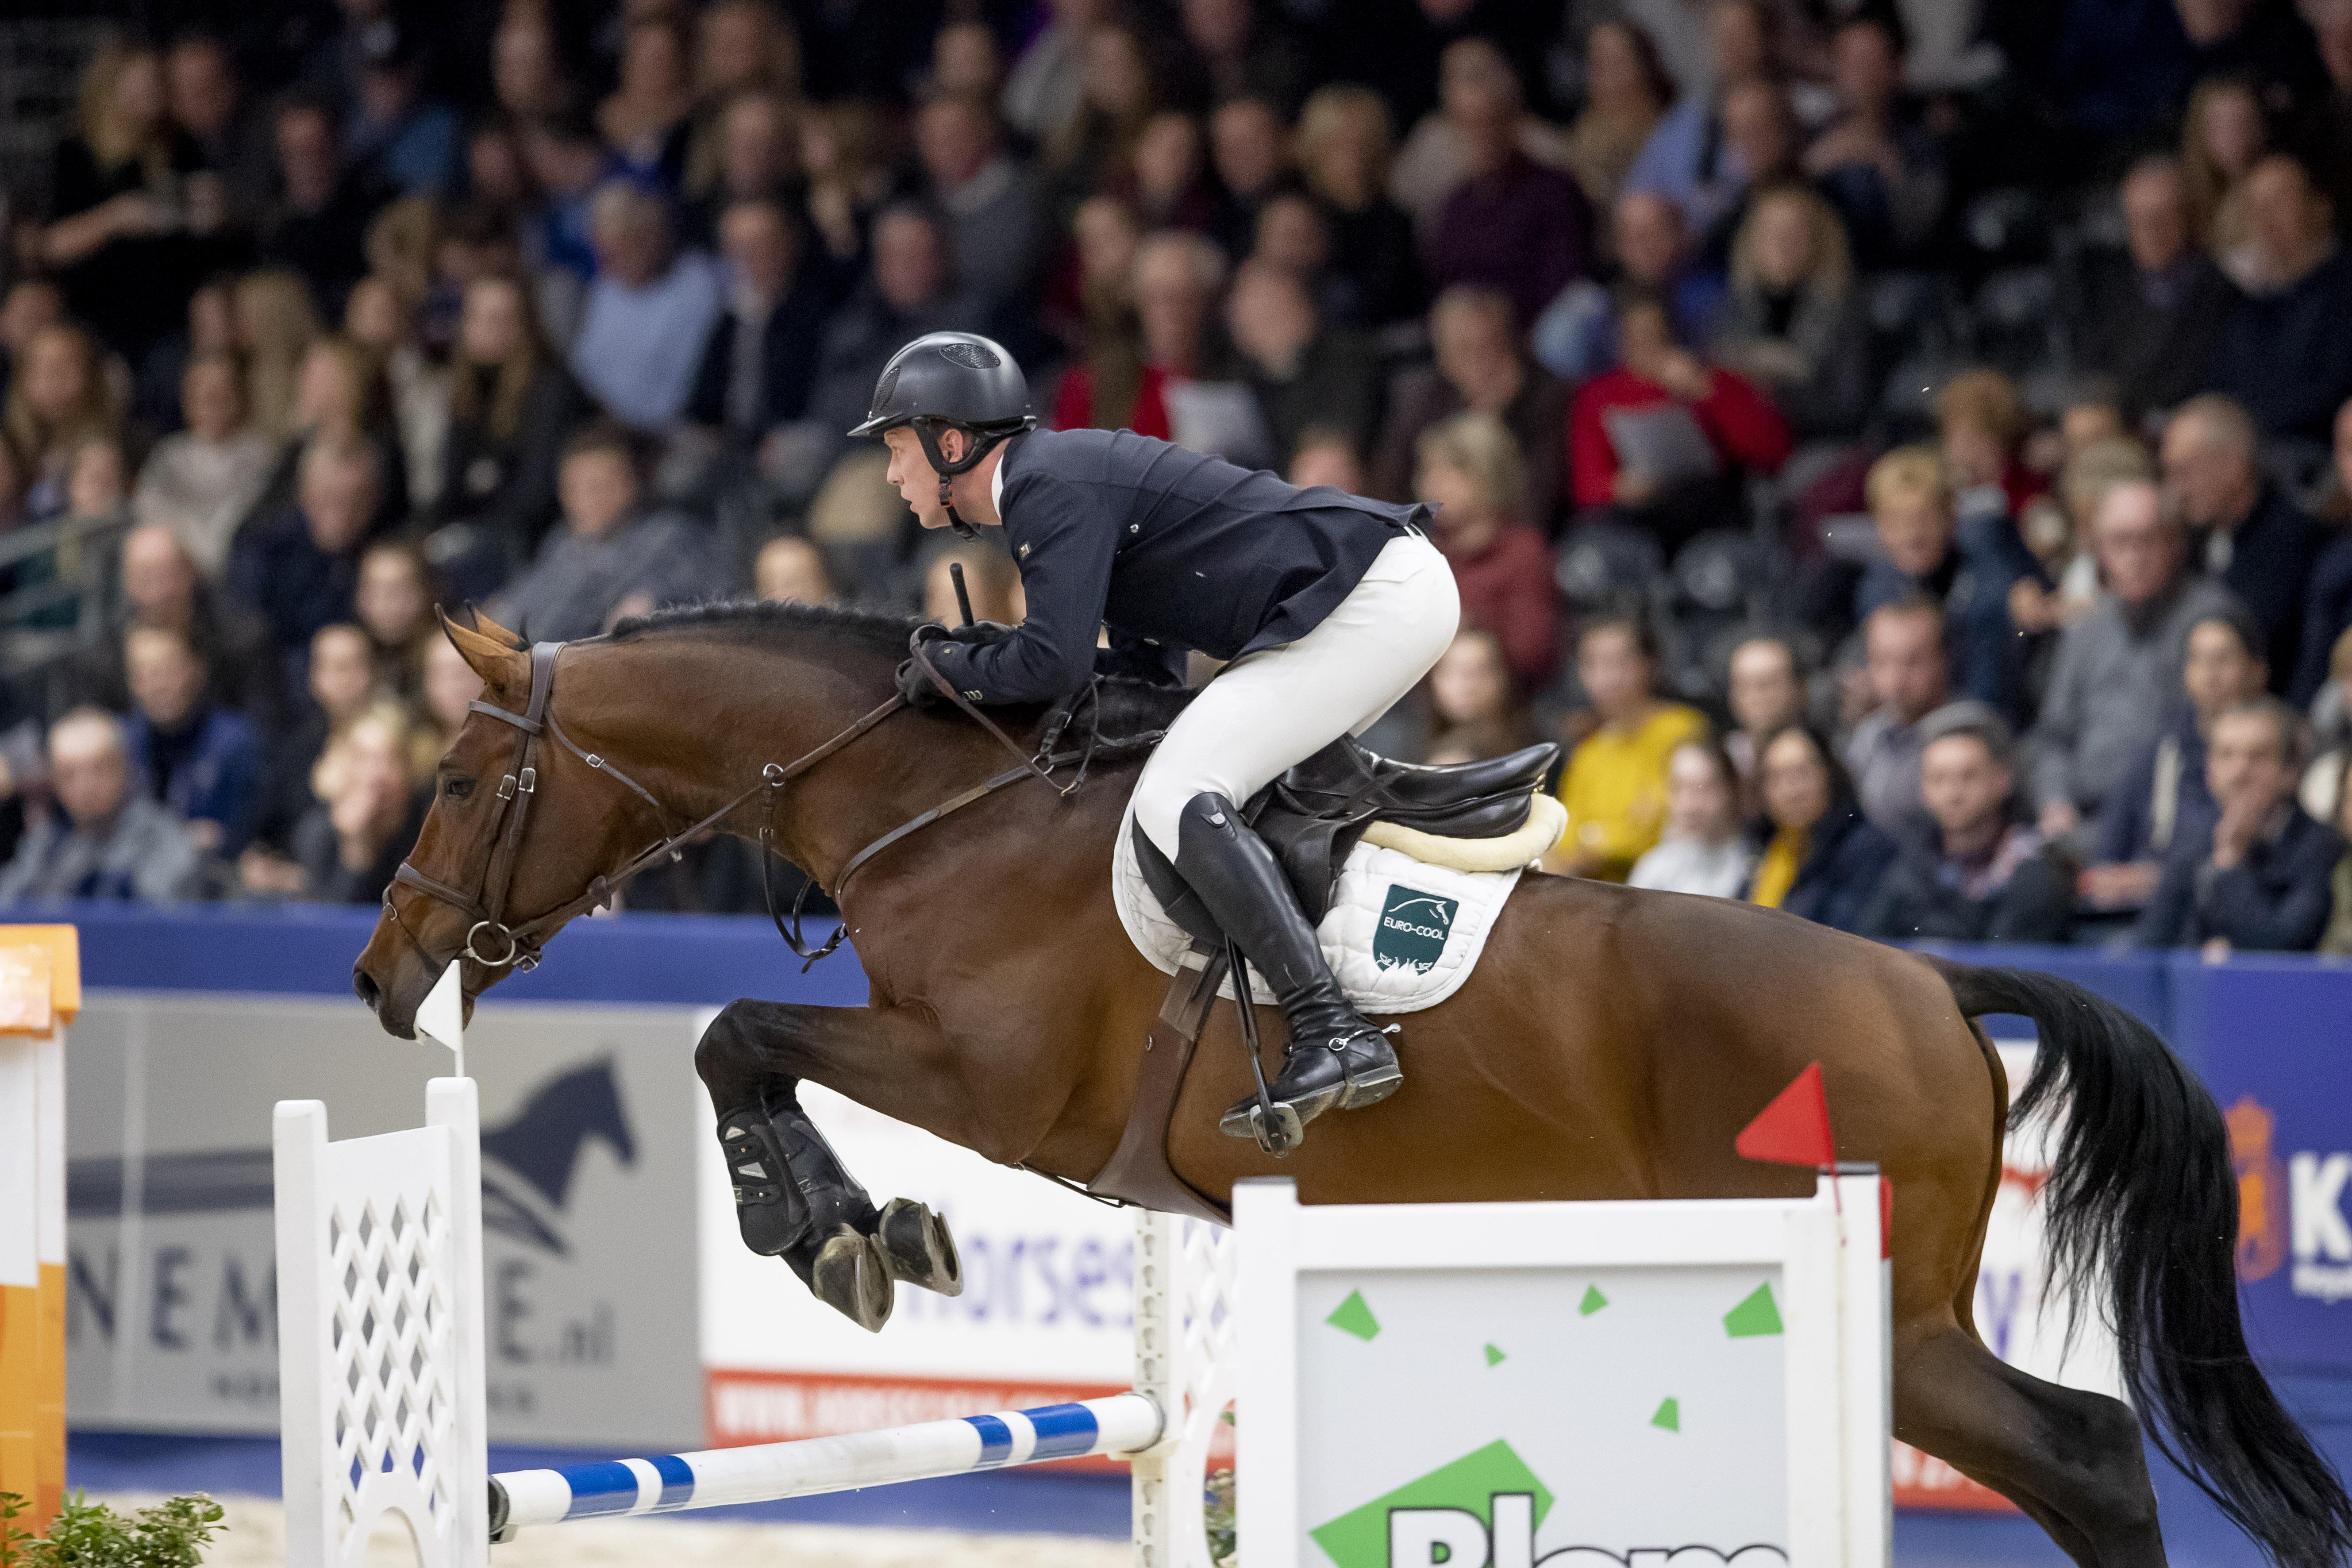 Springen Klasse M - Hengstenkeuring KWPN, 's Hertogenbosch 2019